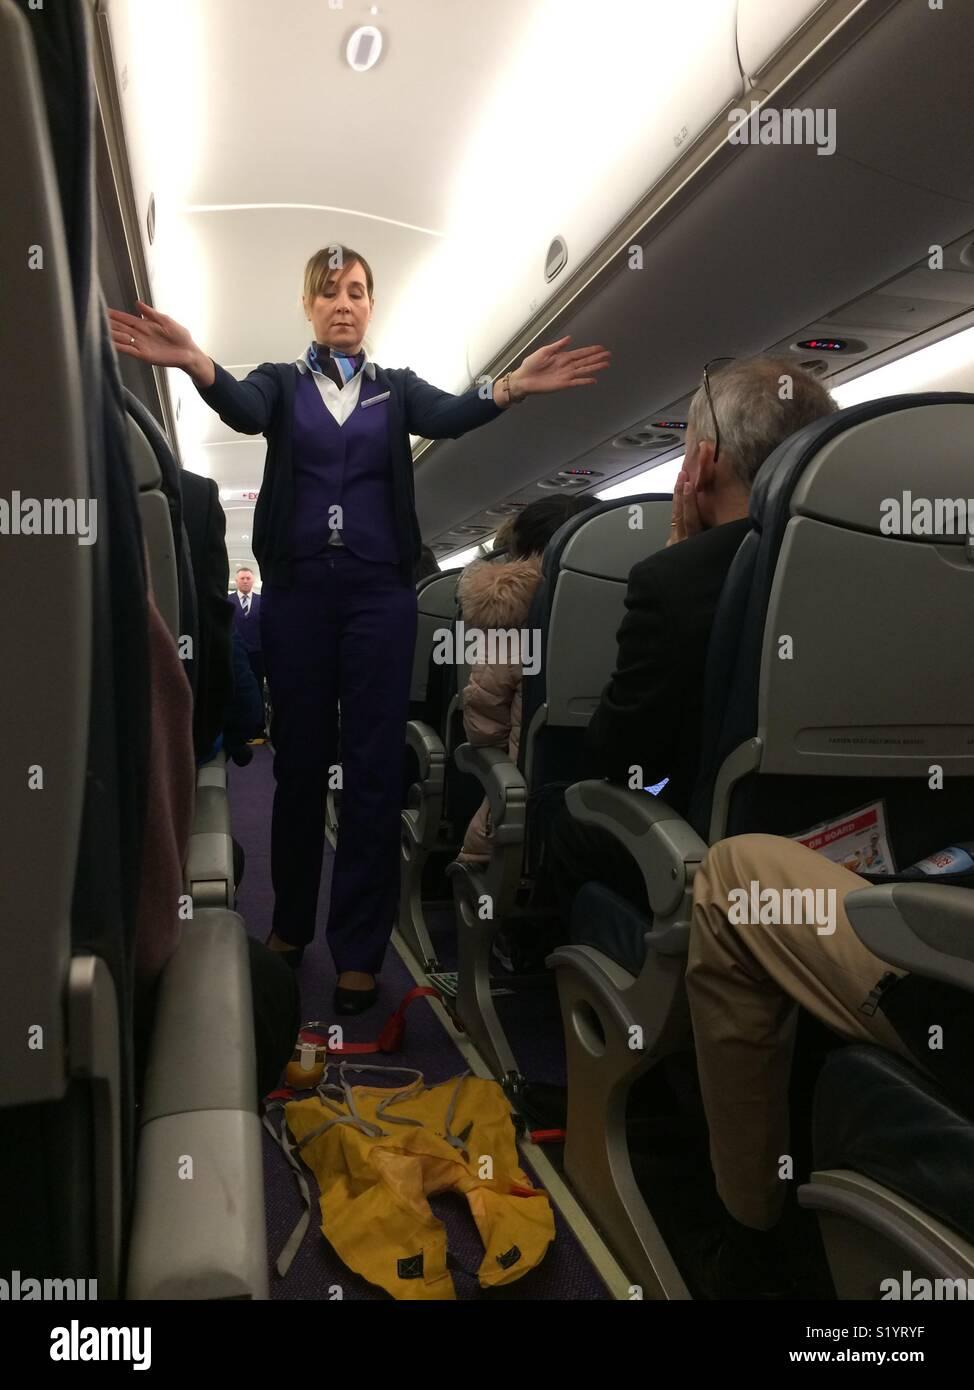 air hostess photos  u0026 air hostess images - page 4